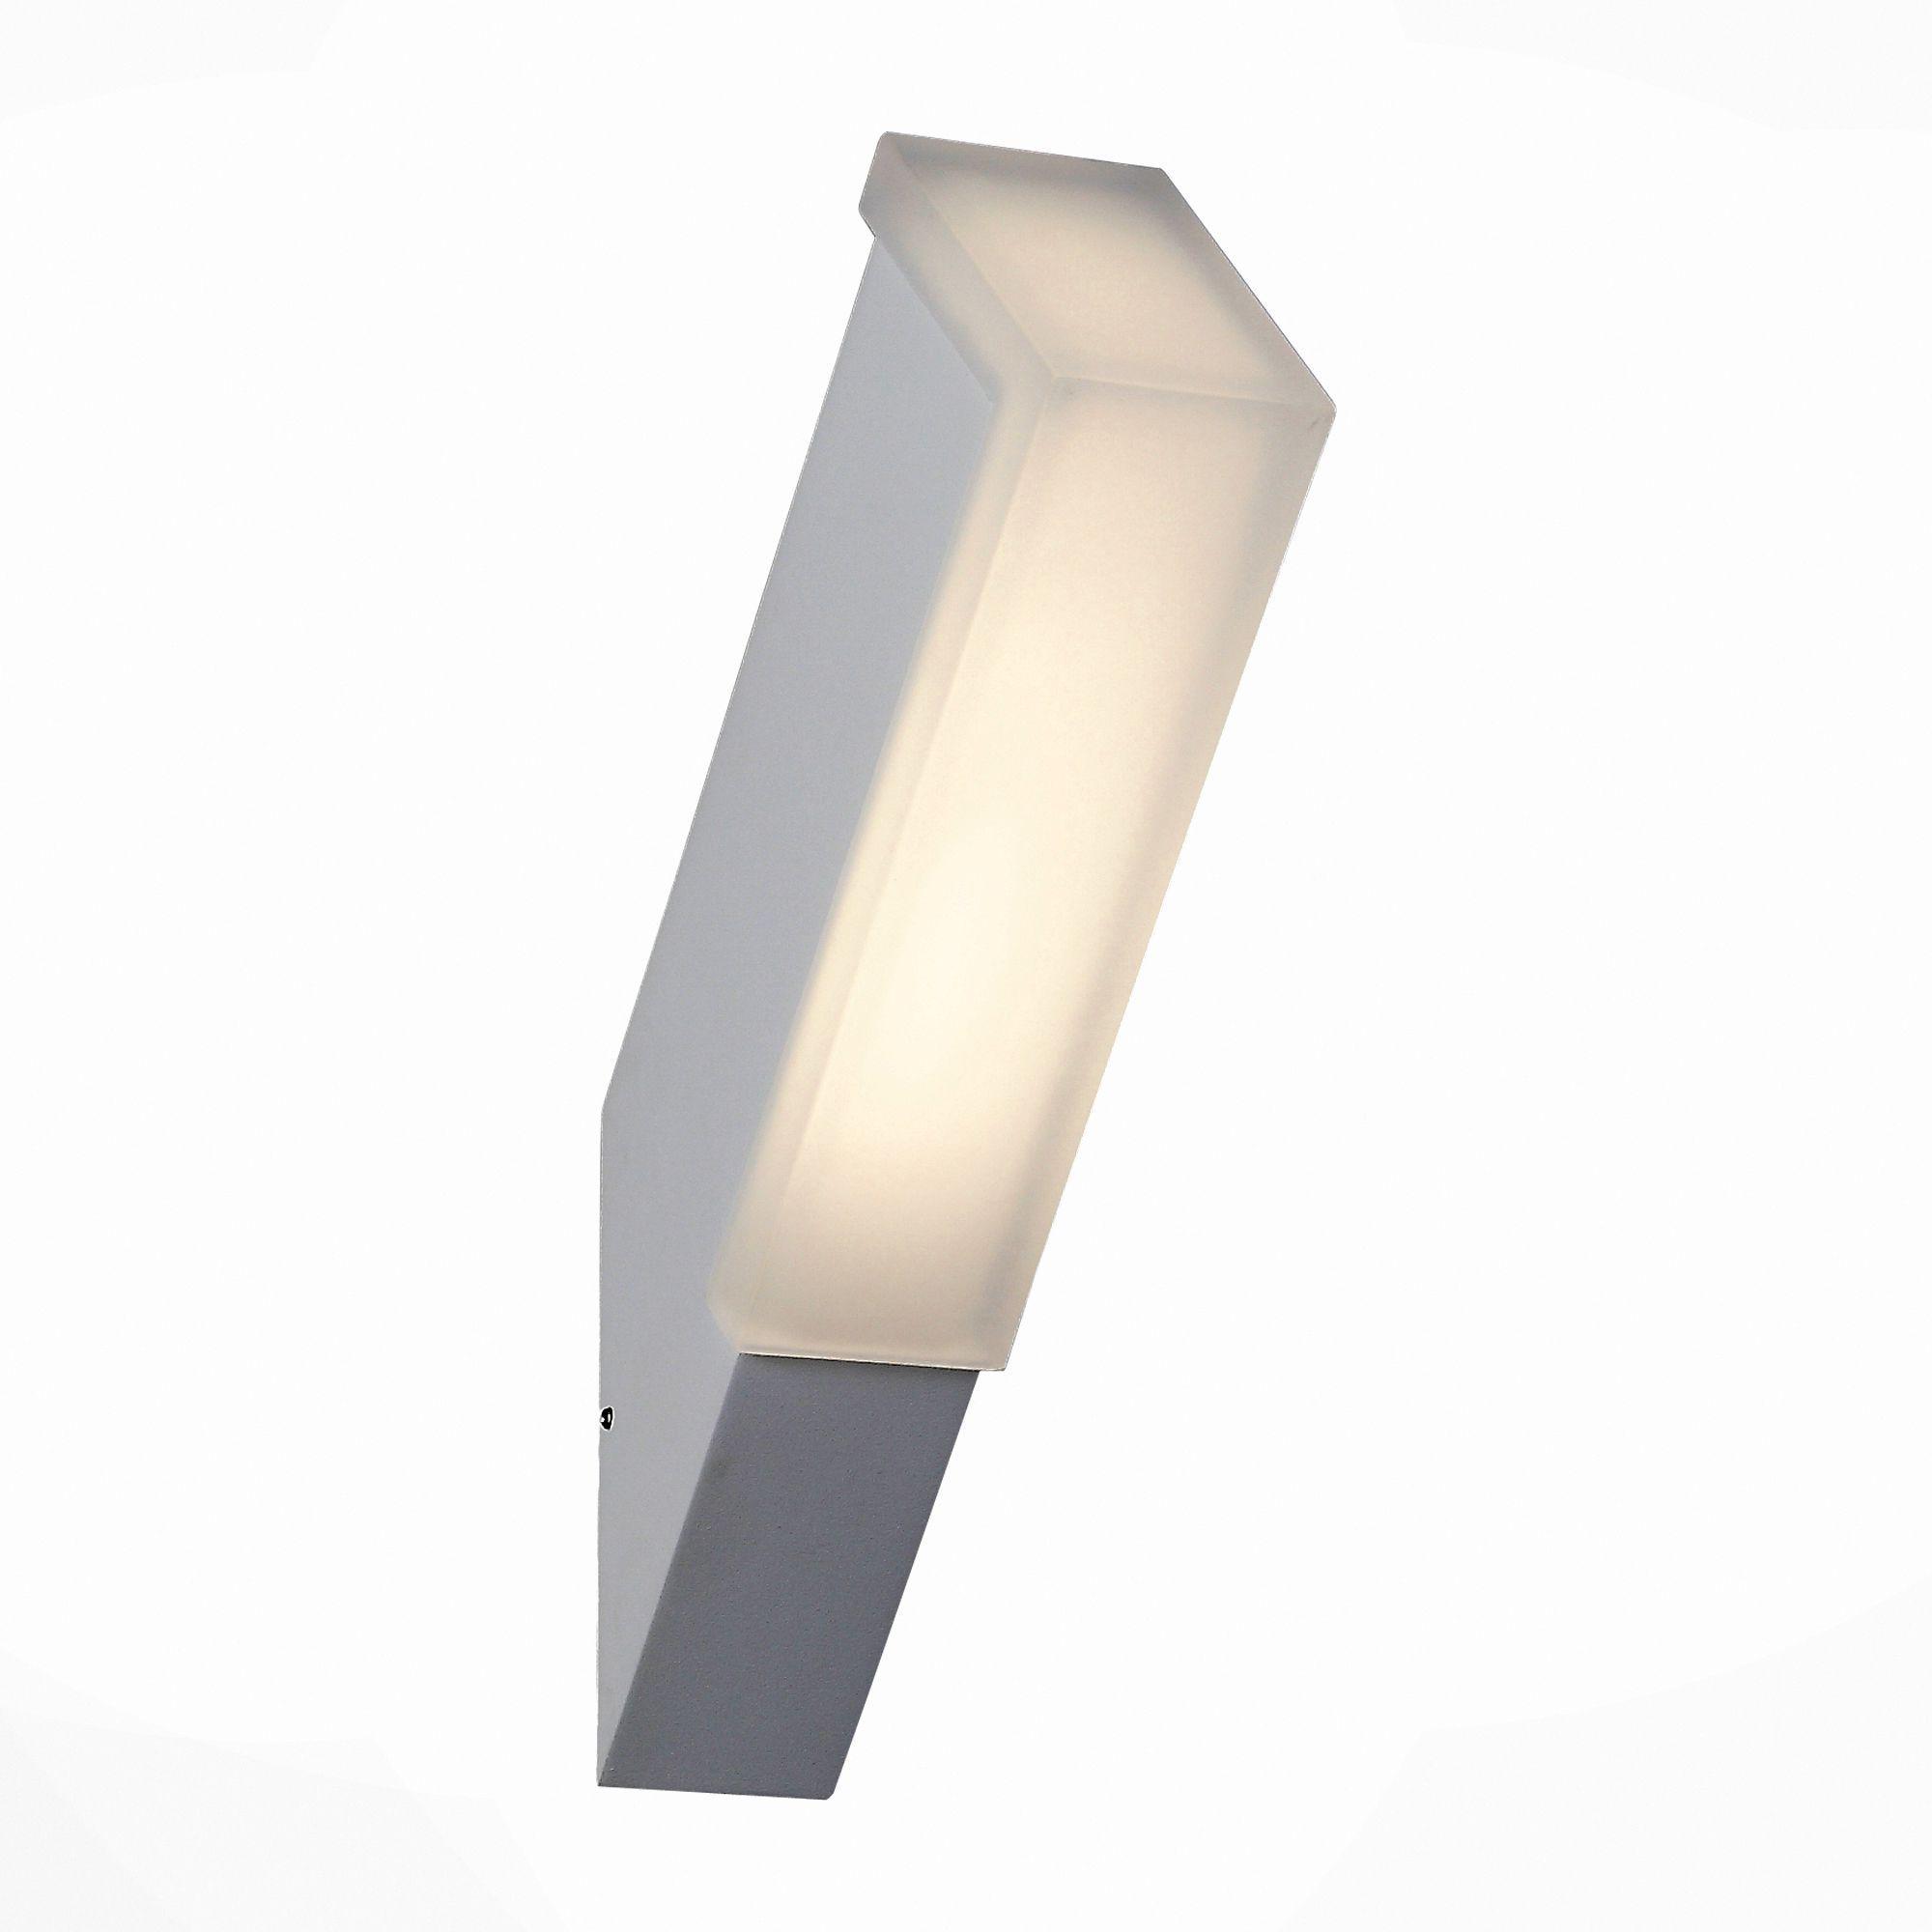 Светильник уличный настенный ST-Luce Белый/Белый LED 2*2W SL096.511.02